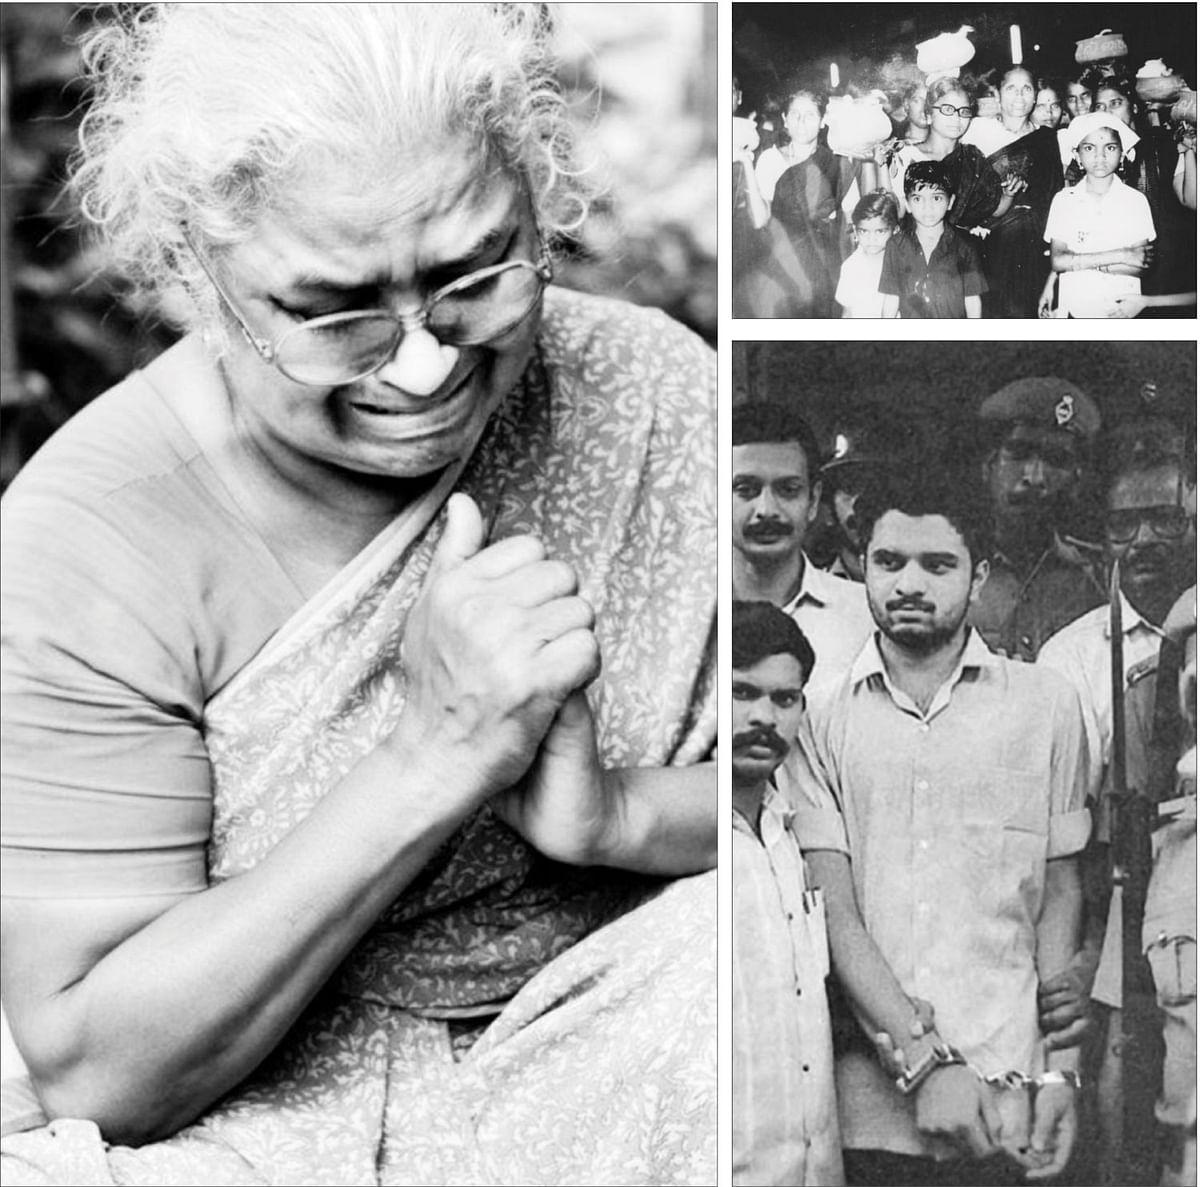 அற்புதம் அம்மாள் - பேரறிவாளன்